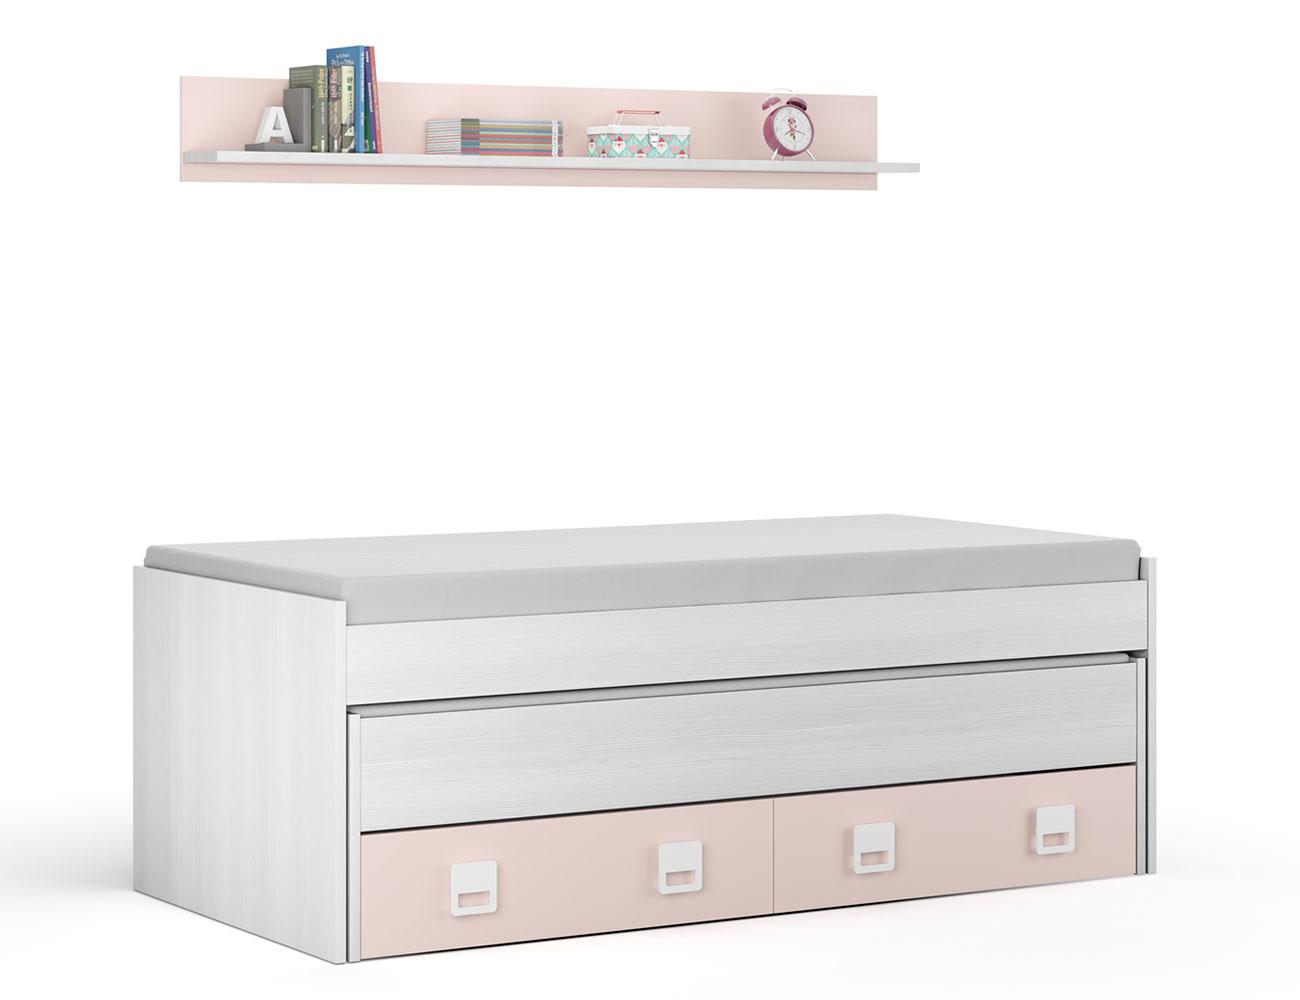 Cama nido blanco rosa con estantes